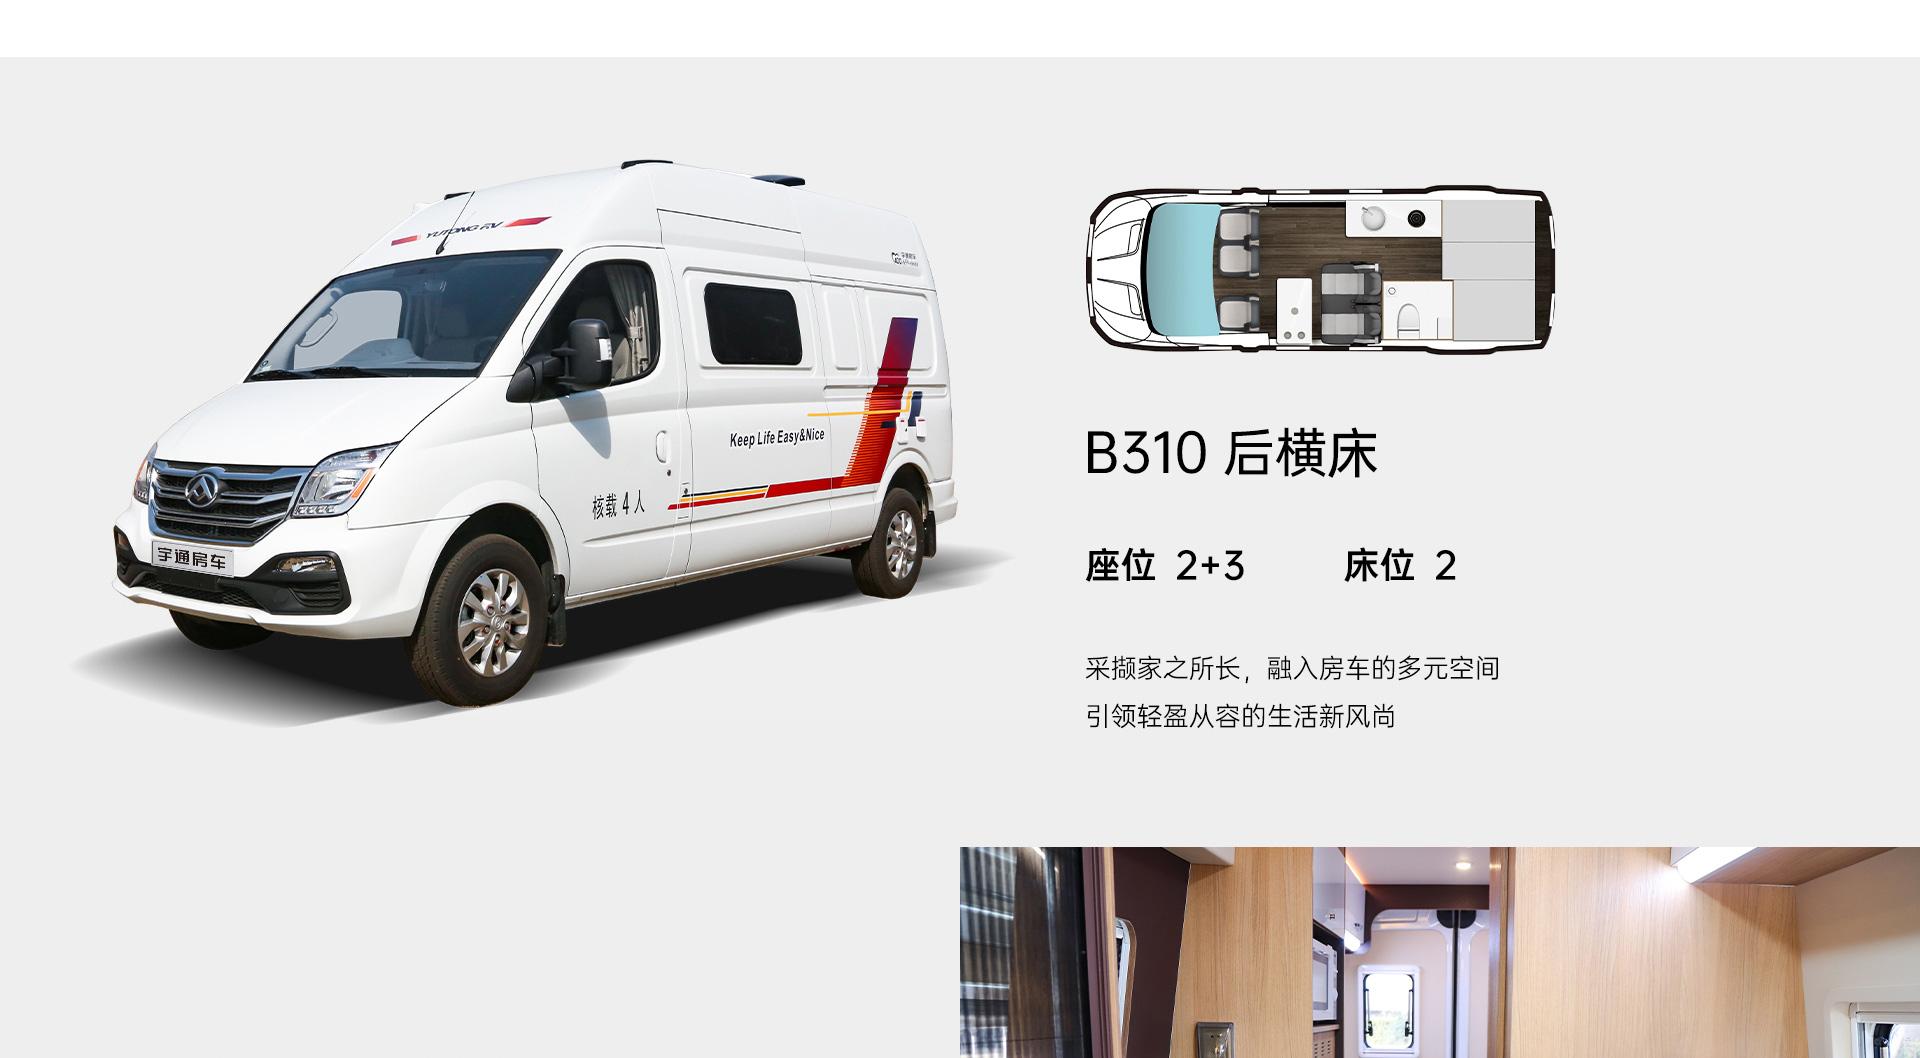 B310舒适版